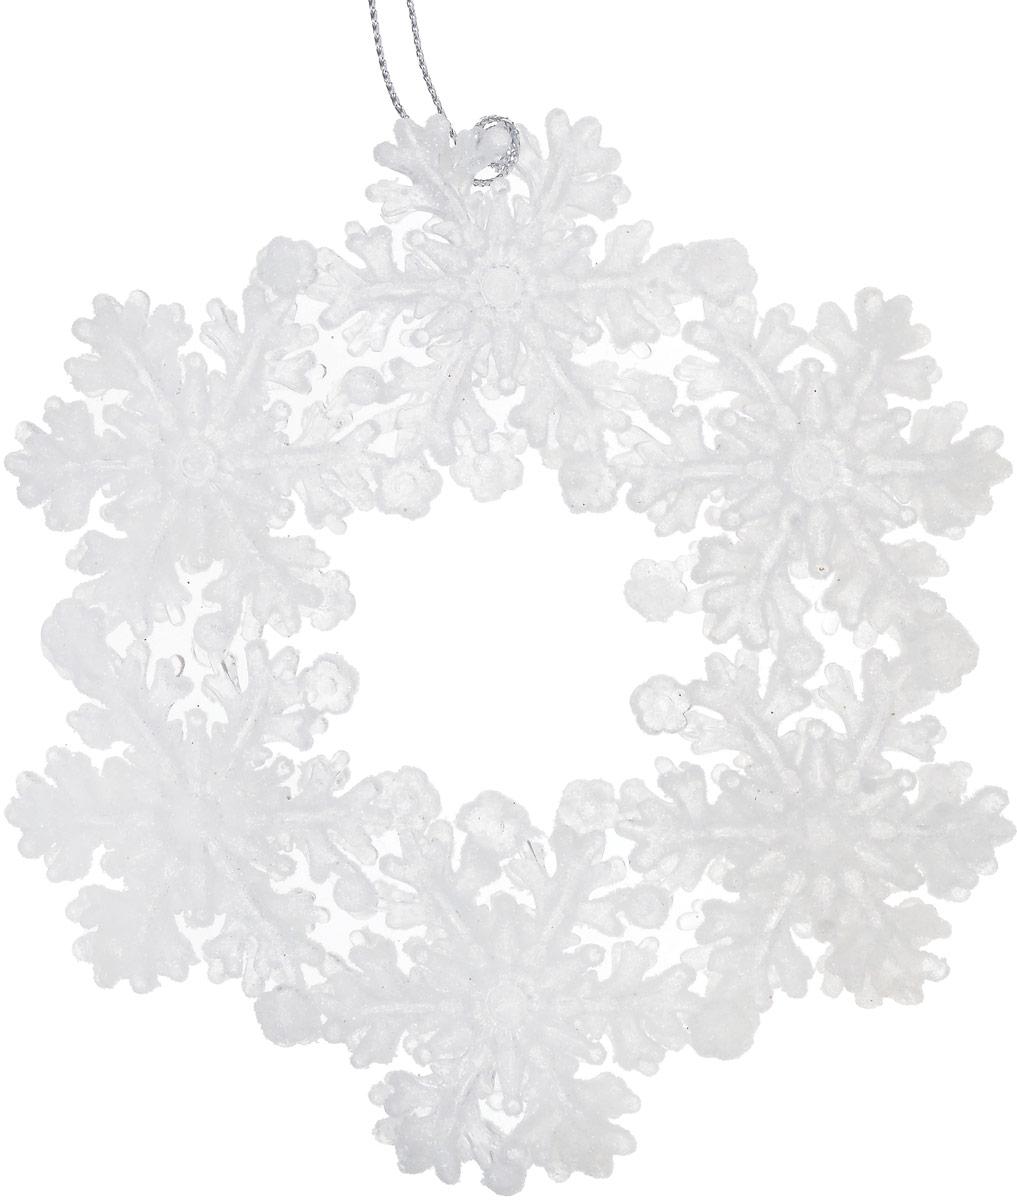 Новогоднее подвесное украшение Magic Time Венок, цвет: белый, диаметр 12,7 см новогоднее подвесное украшение magic time венок цвет белый диаметр 12 7 см